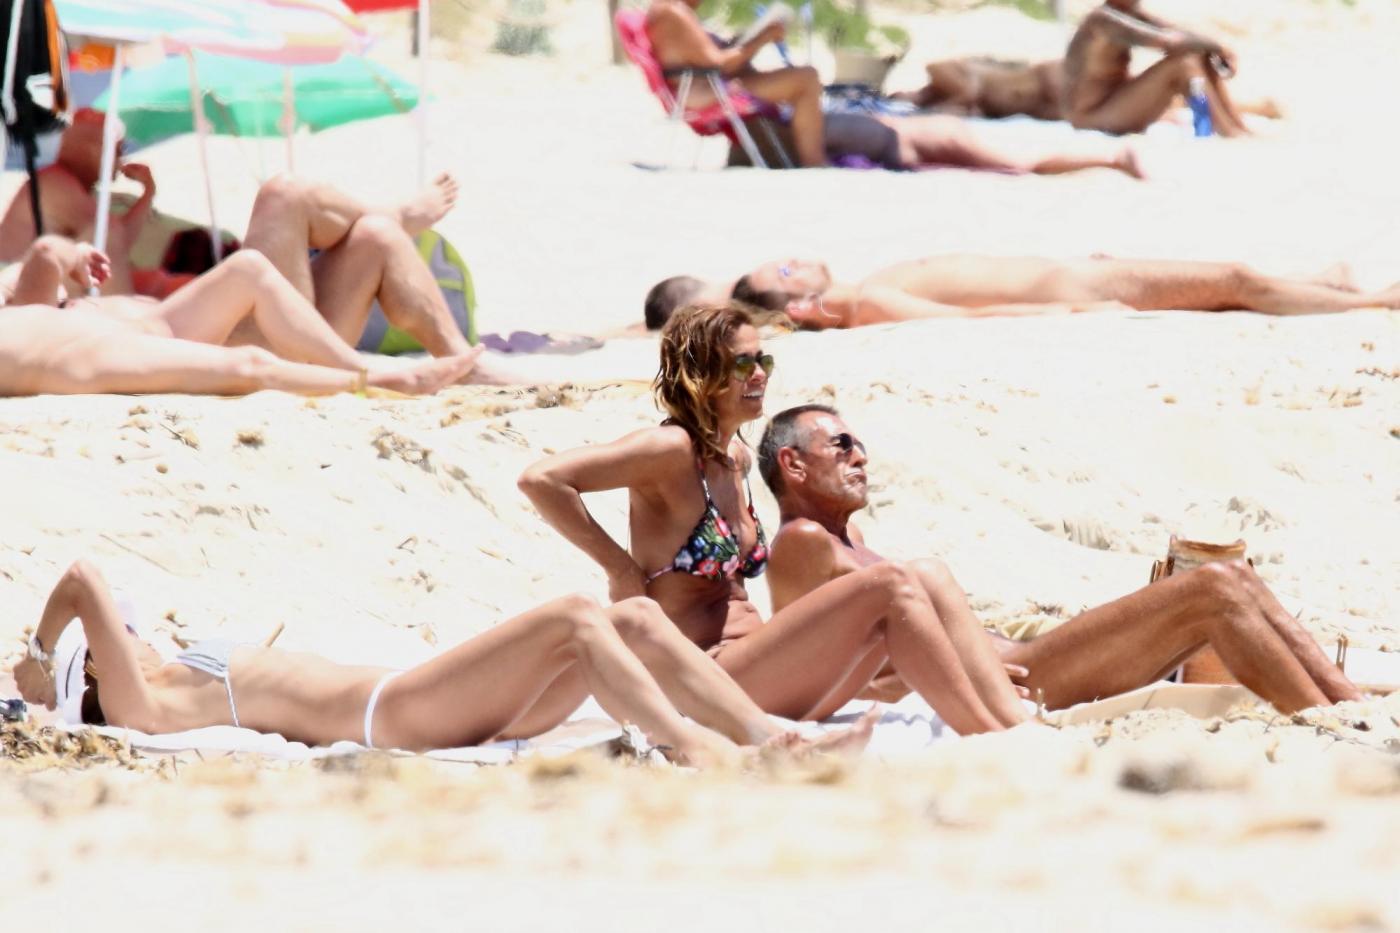 Cristina Parodi, tintarella a Formentera con amiche: topless perfetto a 50 anni 06